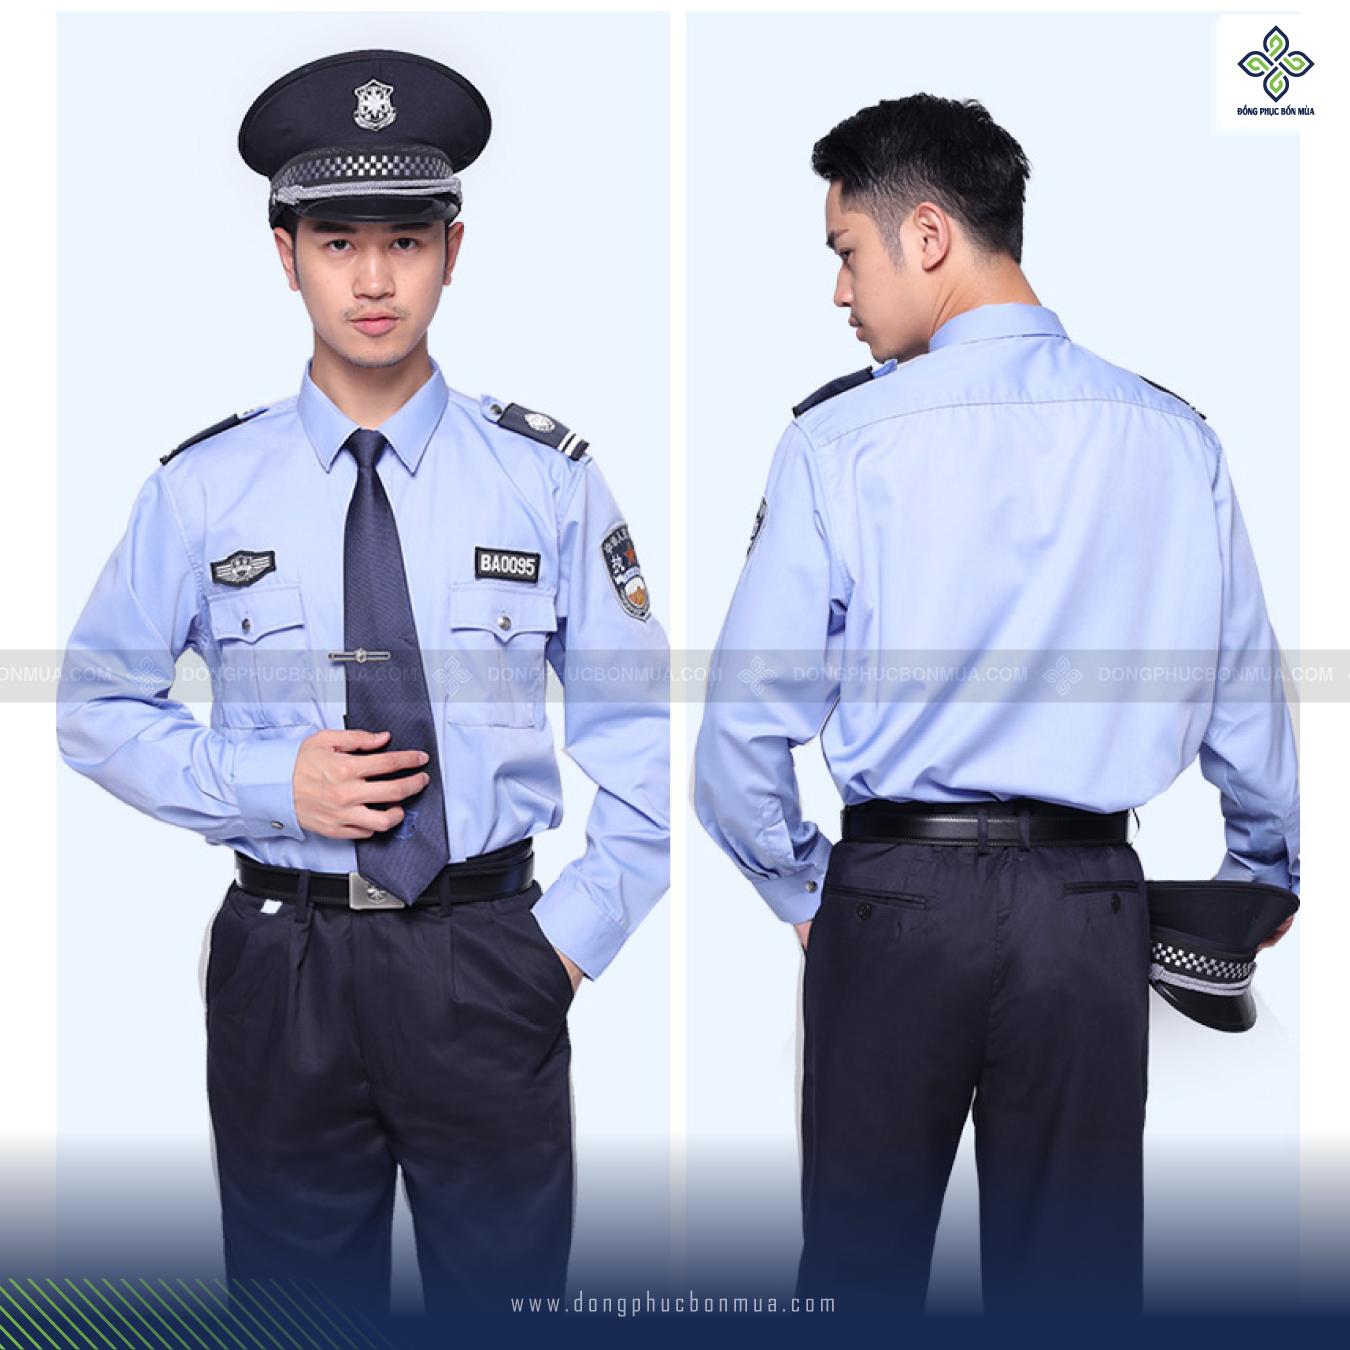 Áo đồng phục bảo vệ thể hiện được sự chuyên nghiệp của doanh nghiệp